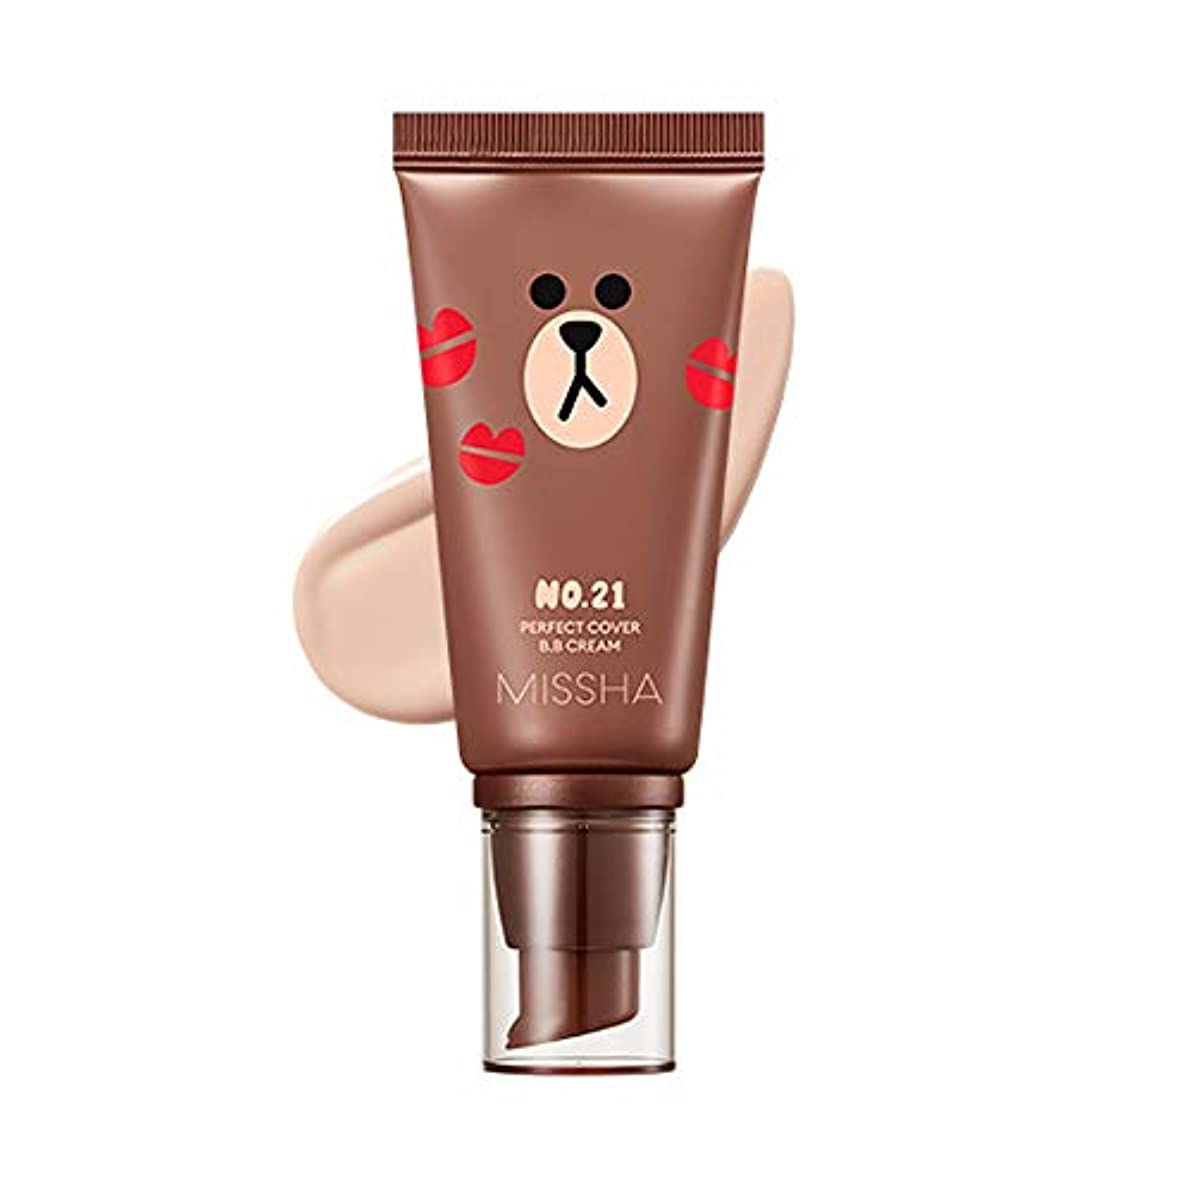 分析的な皮肉電報Missha M Perfect Cover BB Cream SPF42 PA+++ [Line Friends Edition] ミシャ(ラインフレンズ)MパーフェクトカバーB.Bクリーム (#21 Light Beige...